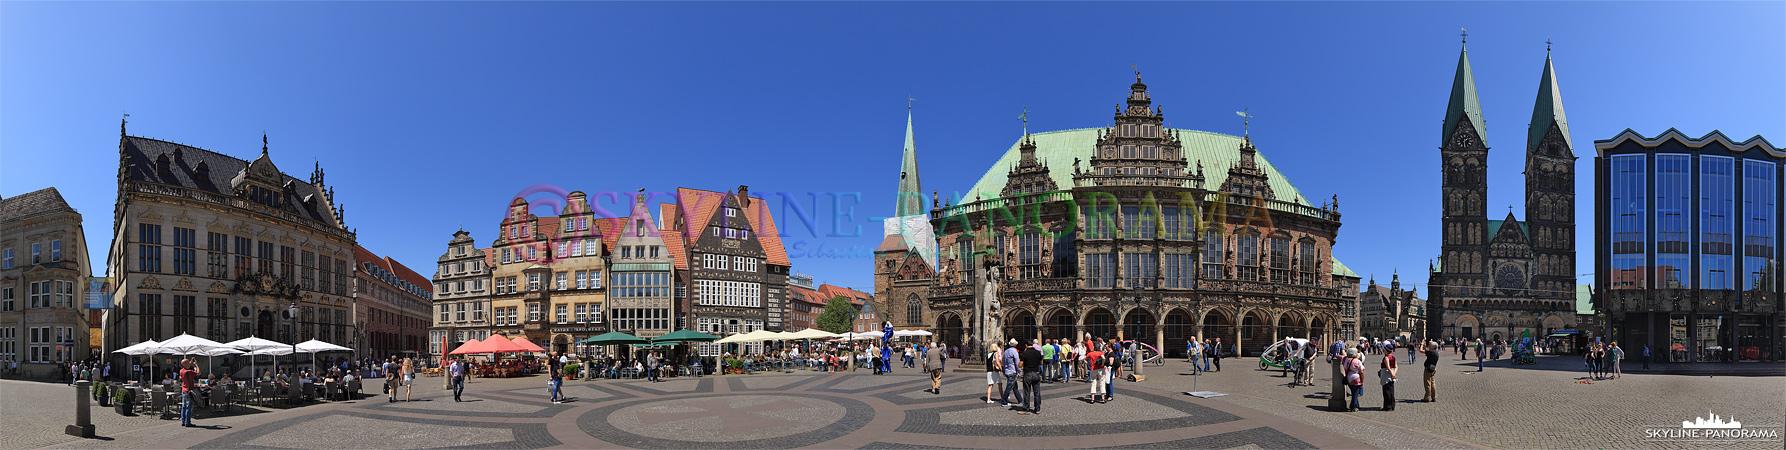 Bilder aus Bremen - Der Marktplatz von Bremen zählt zu den schönsten Plätzen Deutschlands.